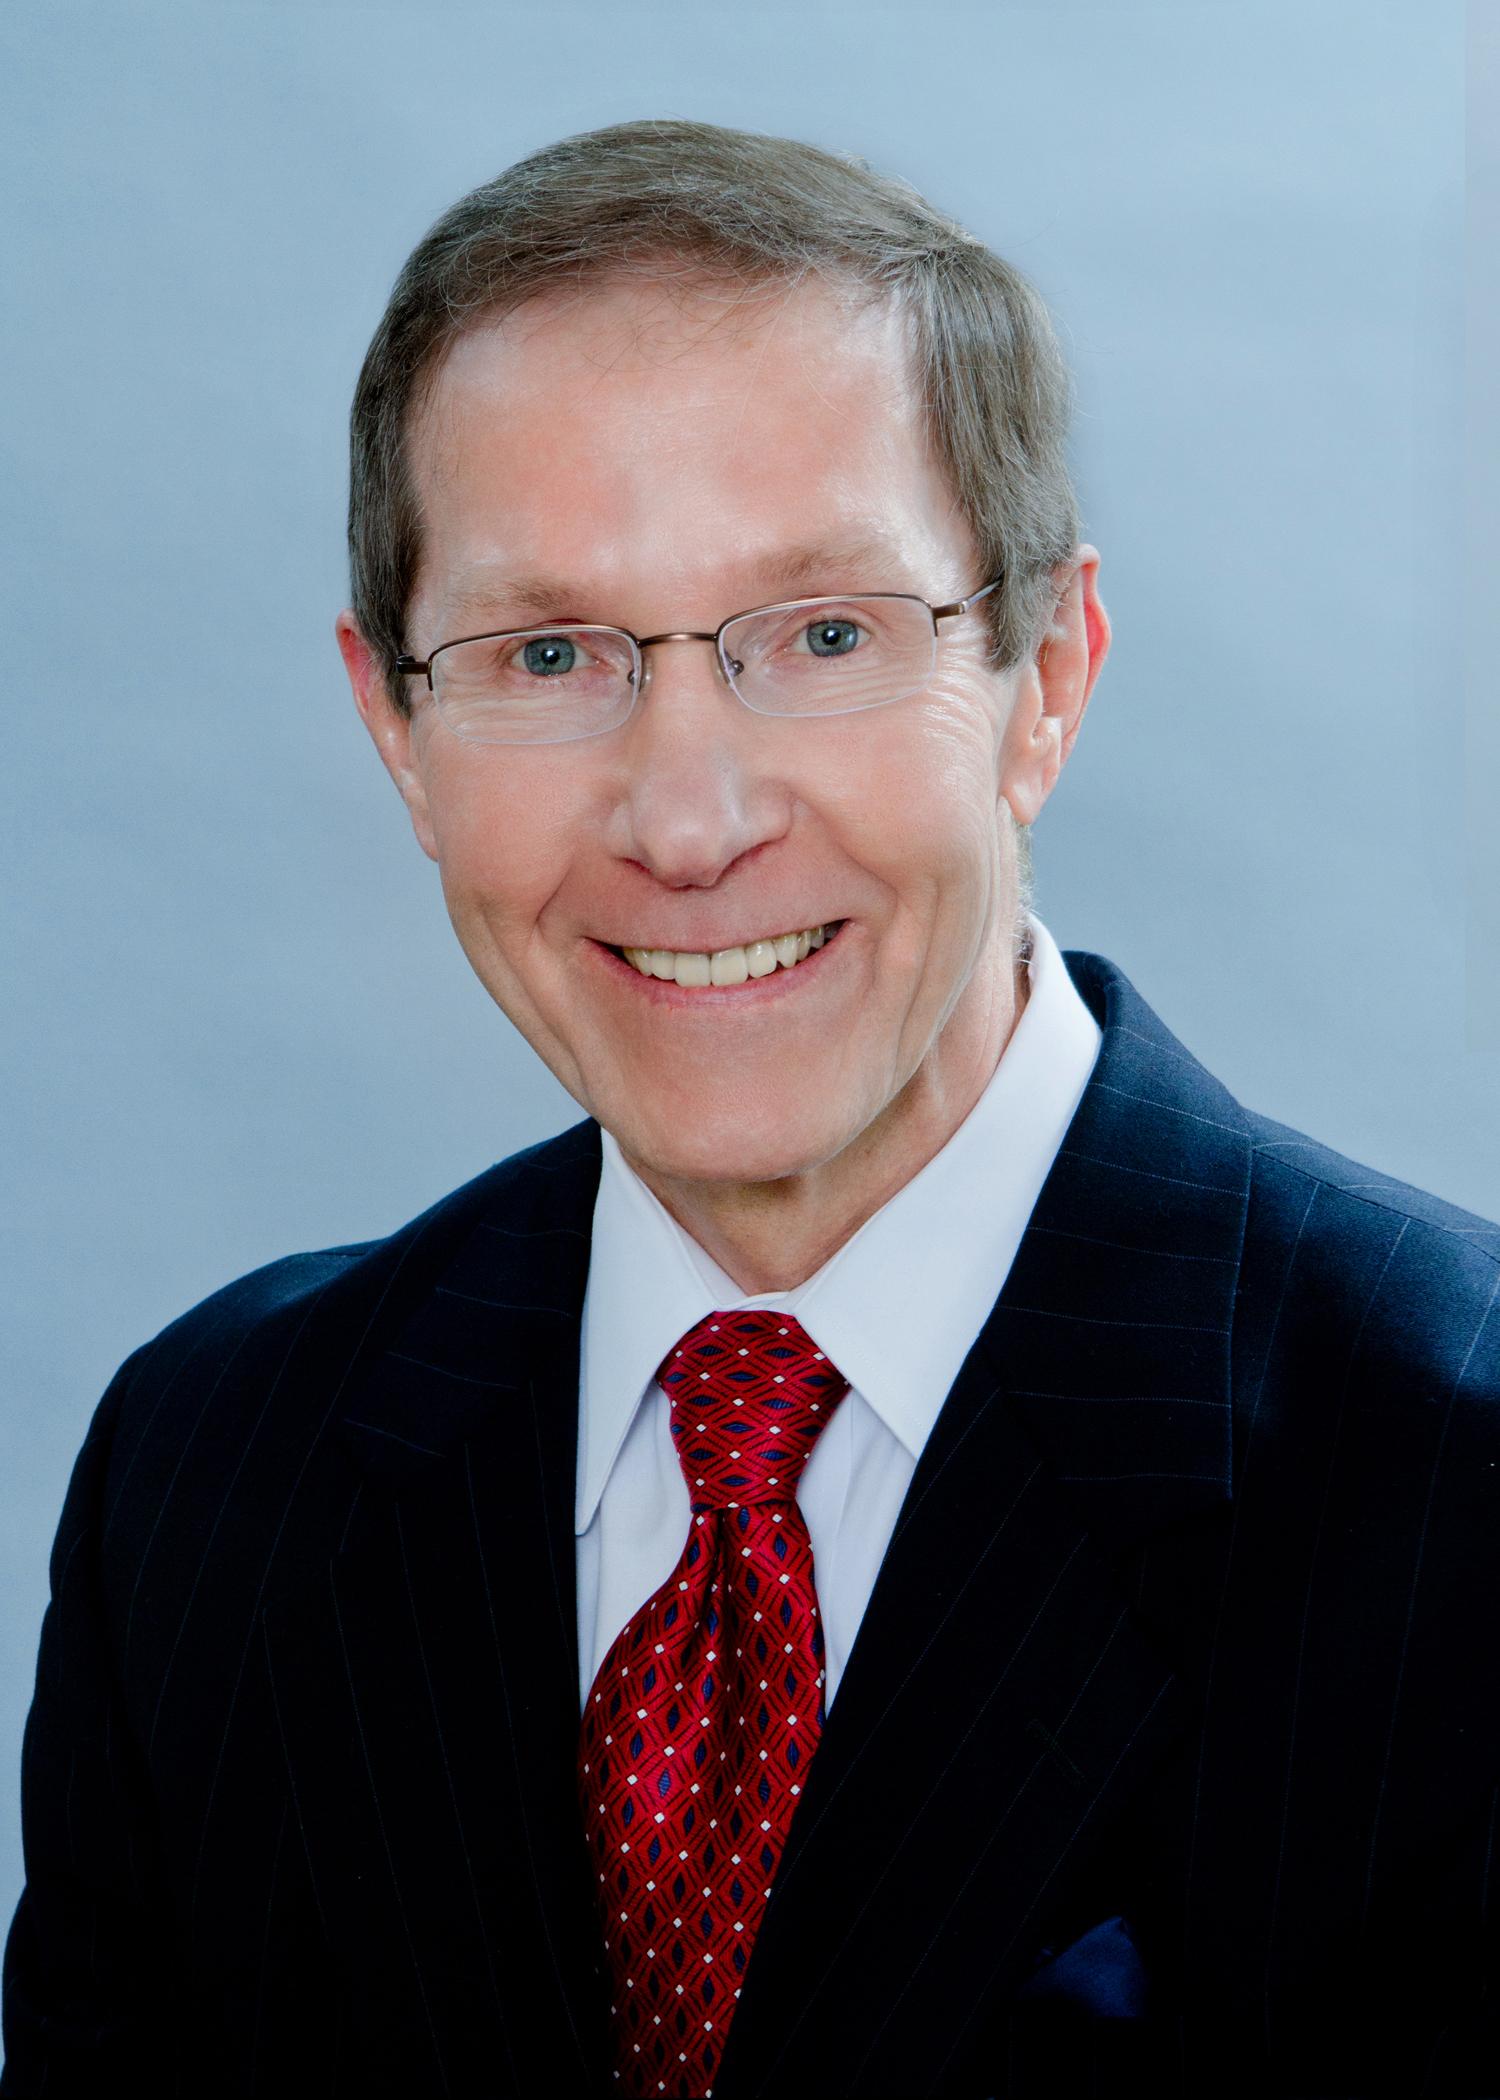 Shan R. Baker, M.D., FACS